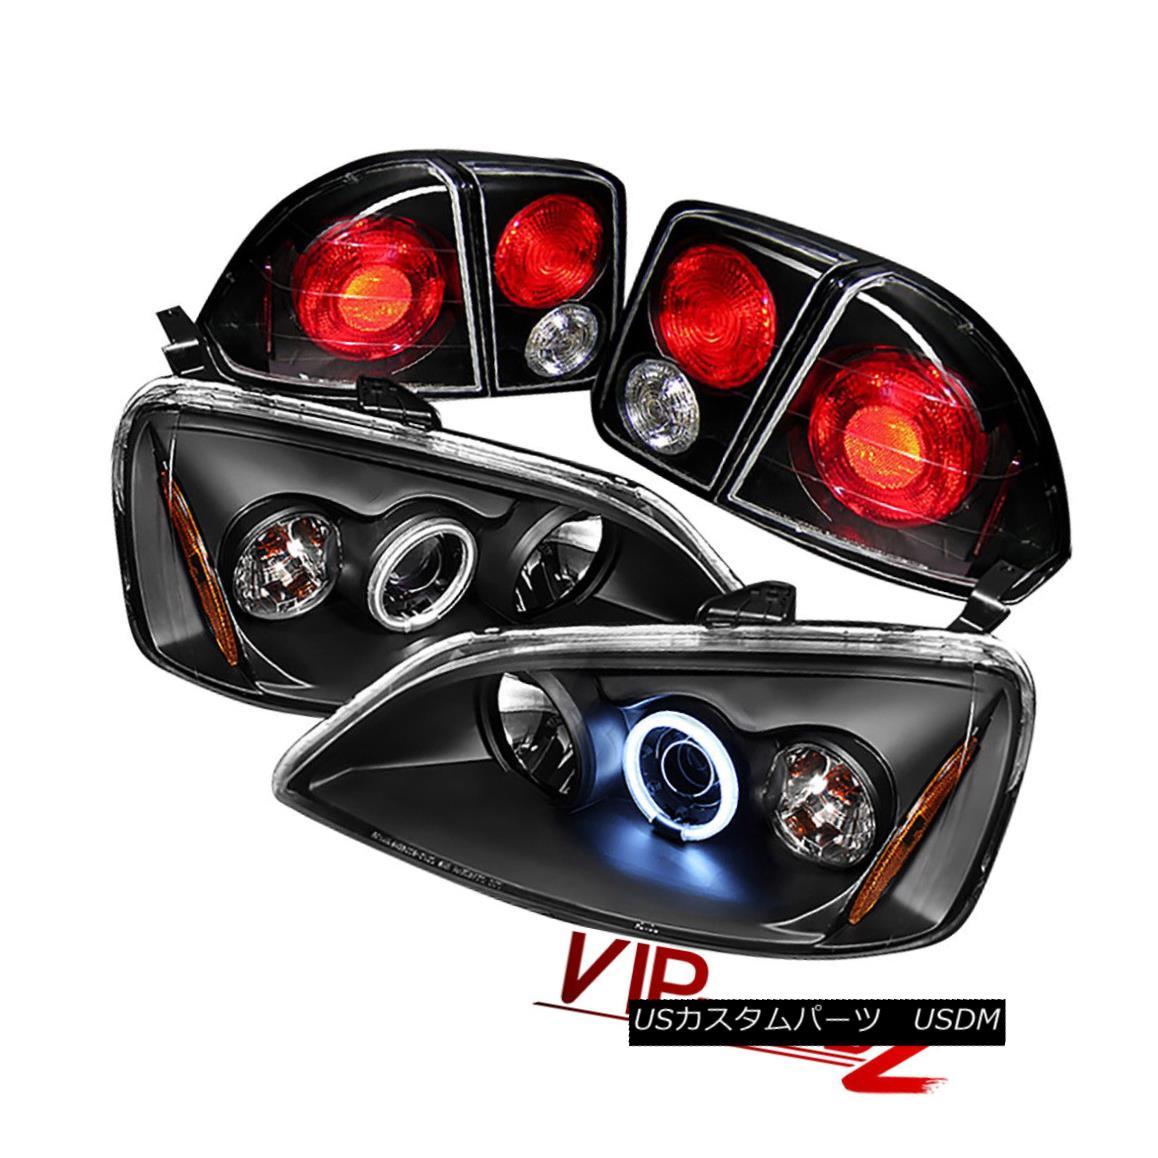 テールライト 01 Honda Civic 4DR Sedan CCFL Halo Projector Headlight+Black Altezza Tail Light 01ホンダシビック4DRセダンCCFLハロープロジェクターヘッドライト+ブラック k Altezzaテールライト